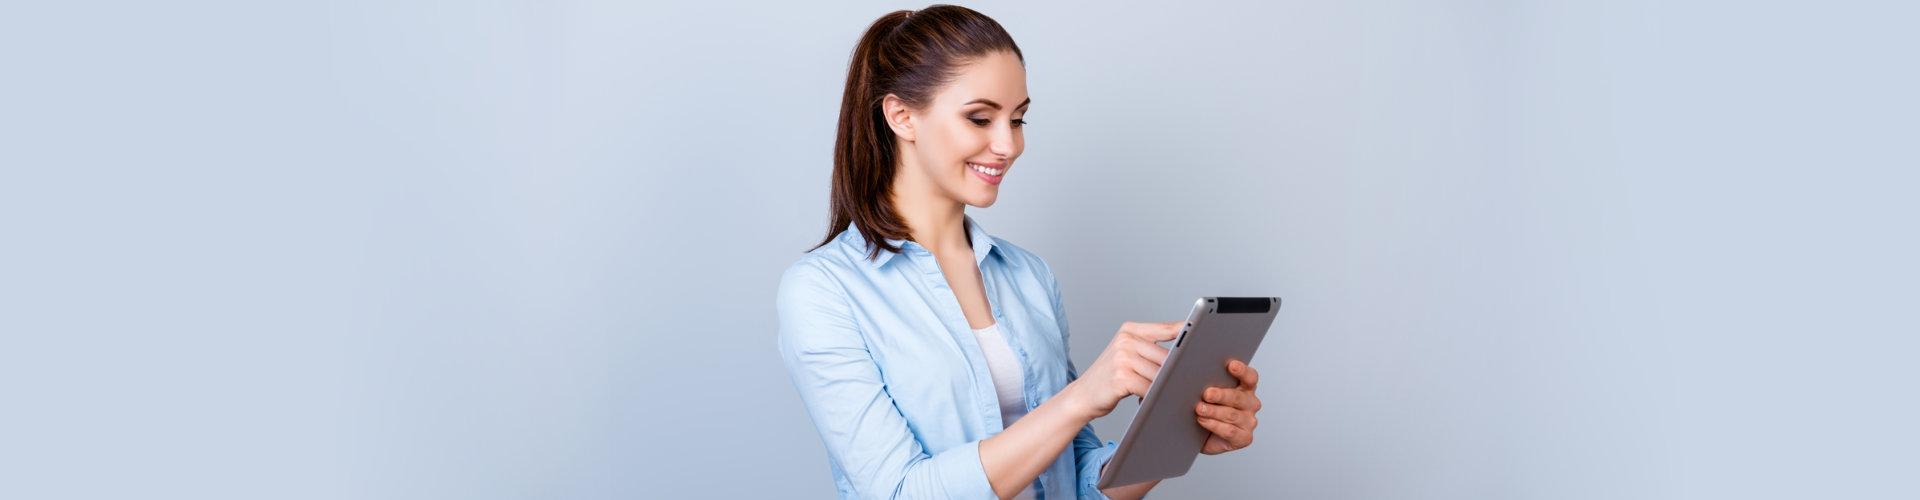 lady using tab